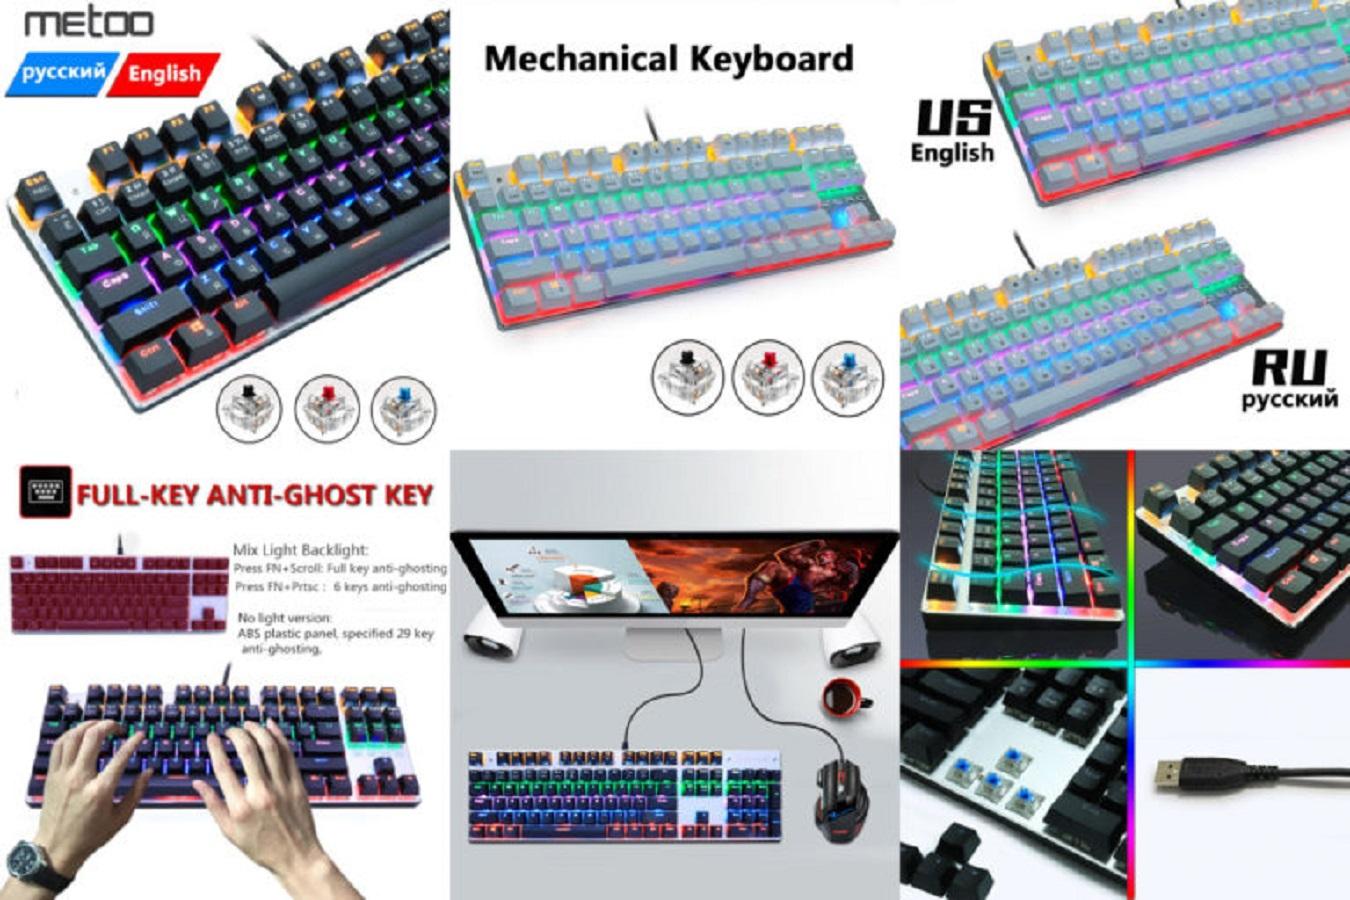 Самая популярная клавиатура со встроенной подсветкой